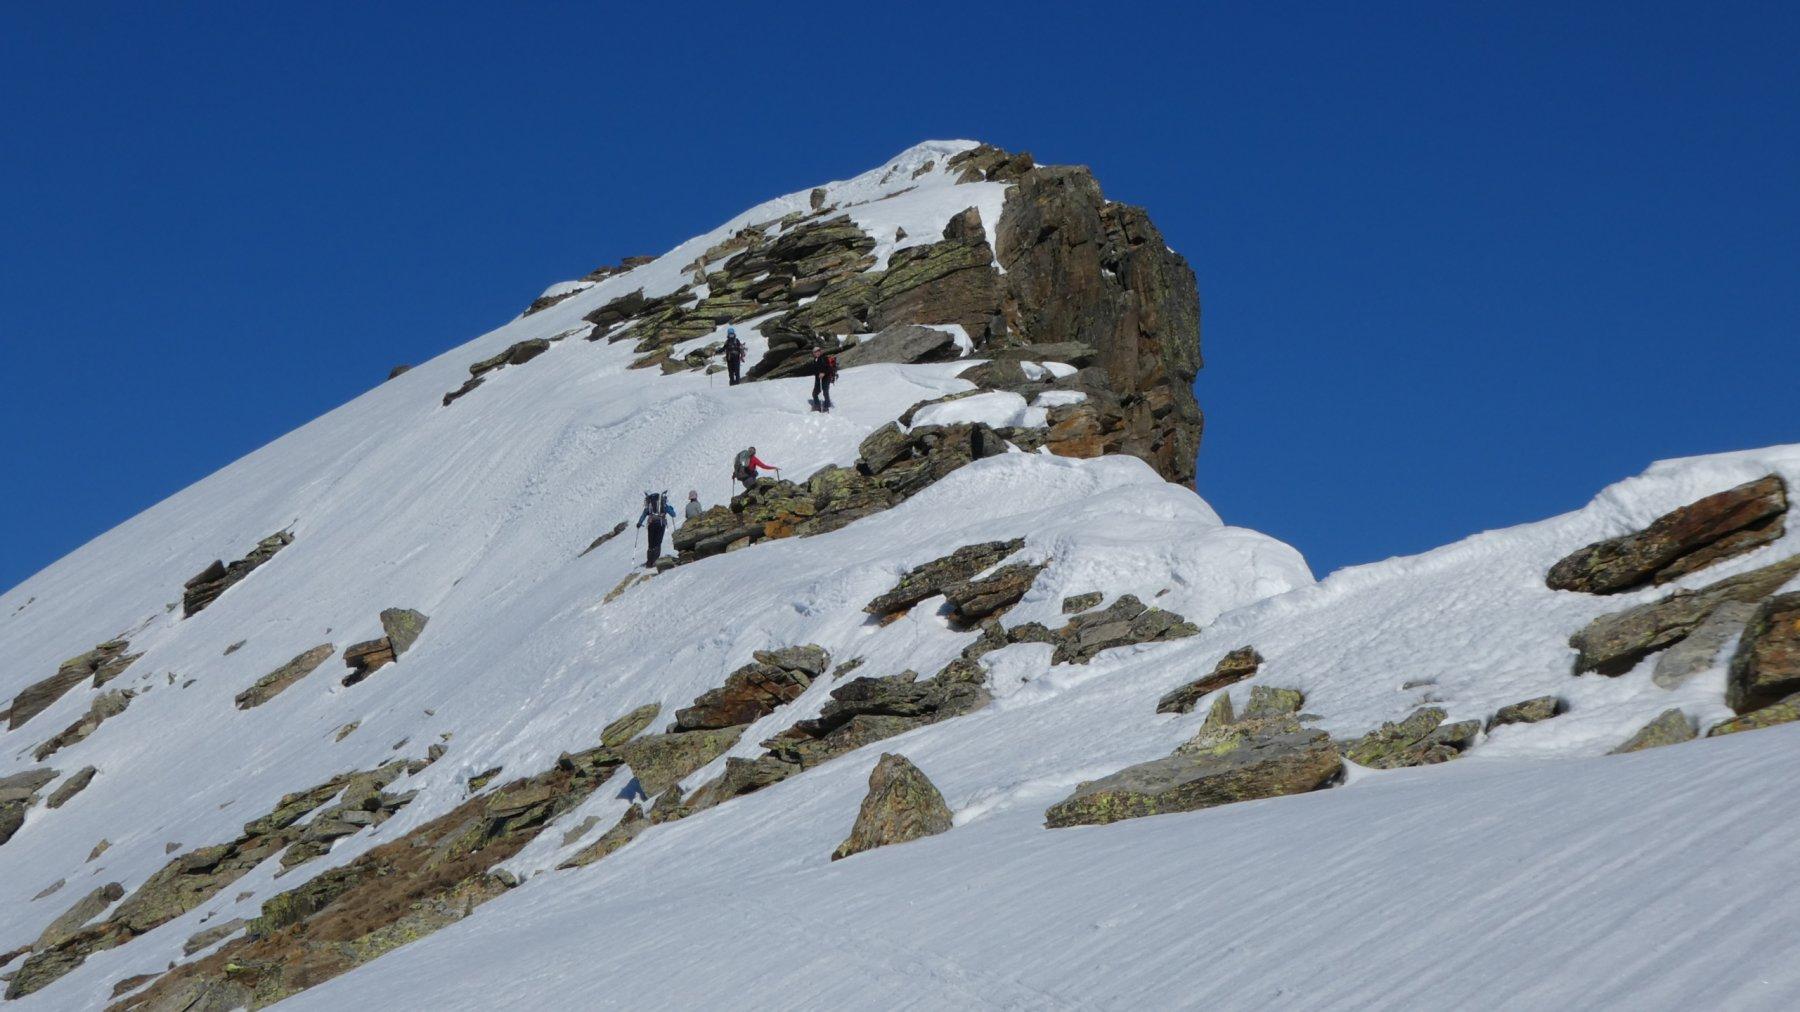 la parte finale della cresta a breve distanza dalla cima